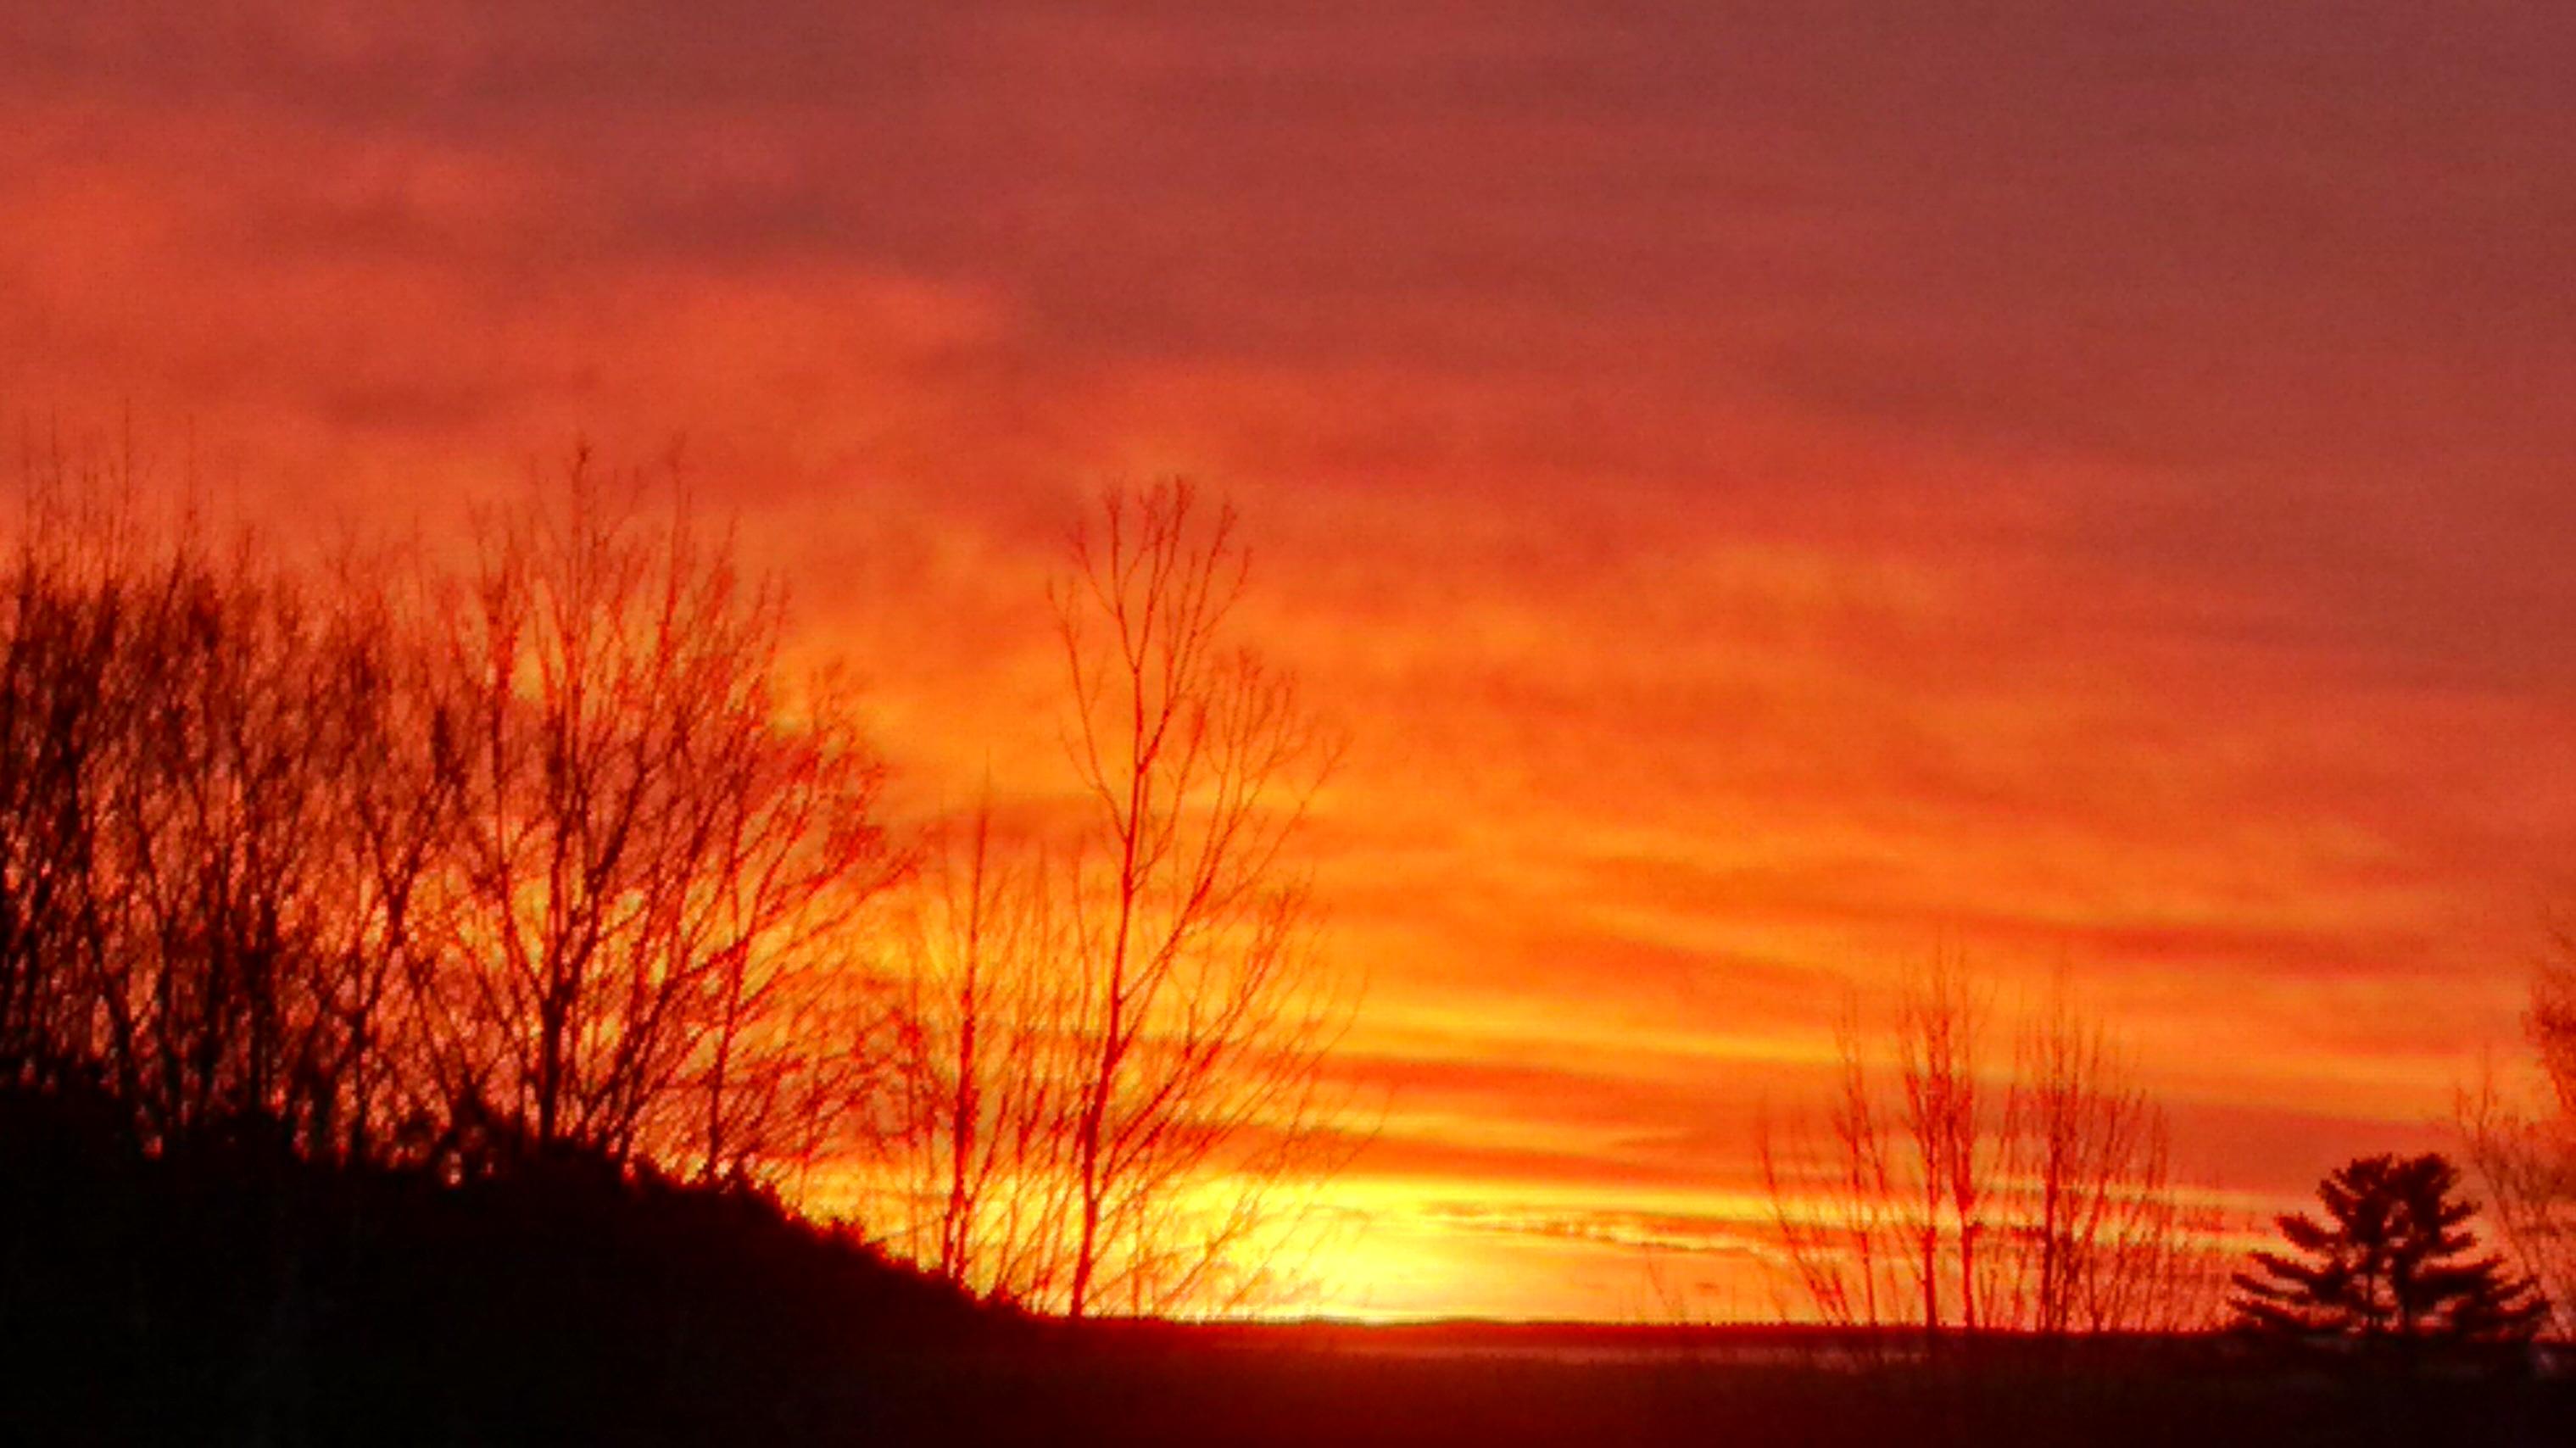 sunrise-11-29-16